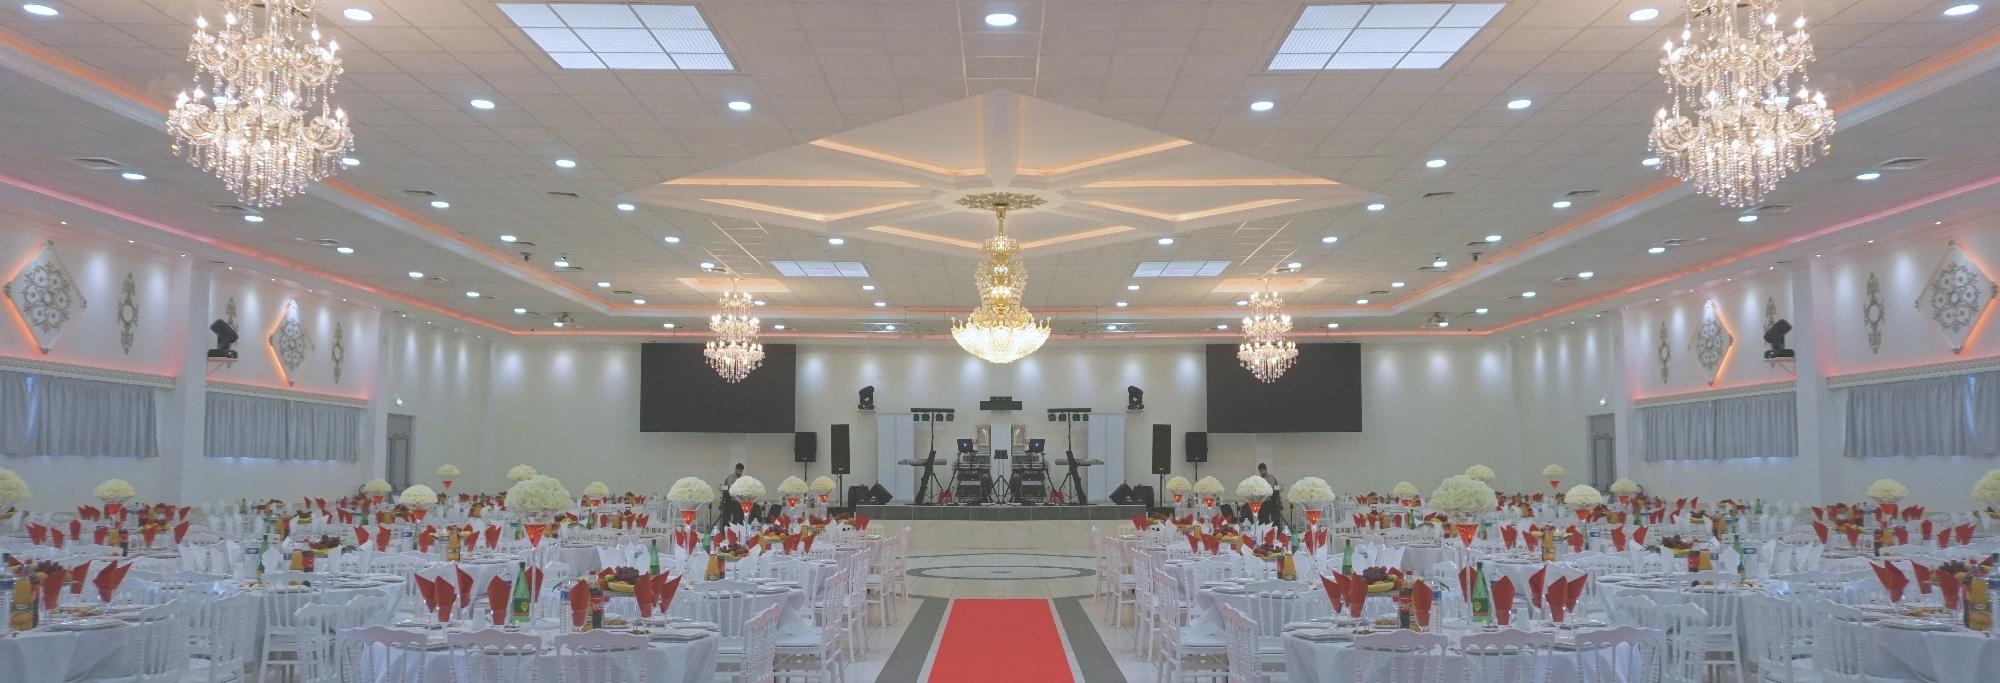 Elysee Mariage Location De Salle De Reception Pour Mariage